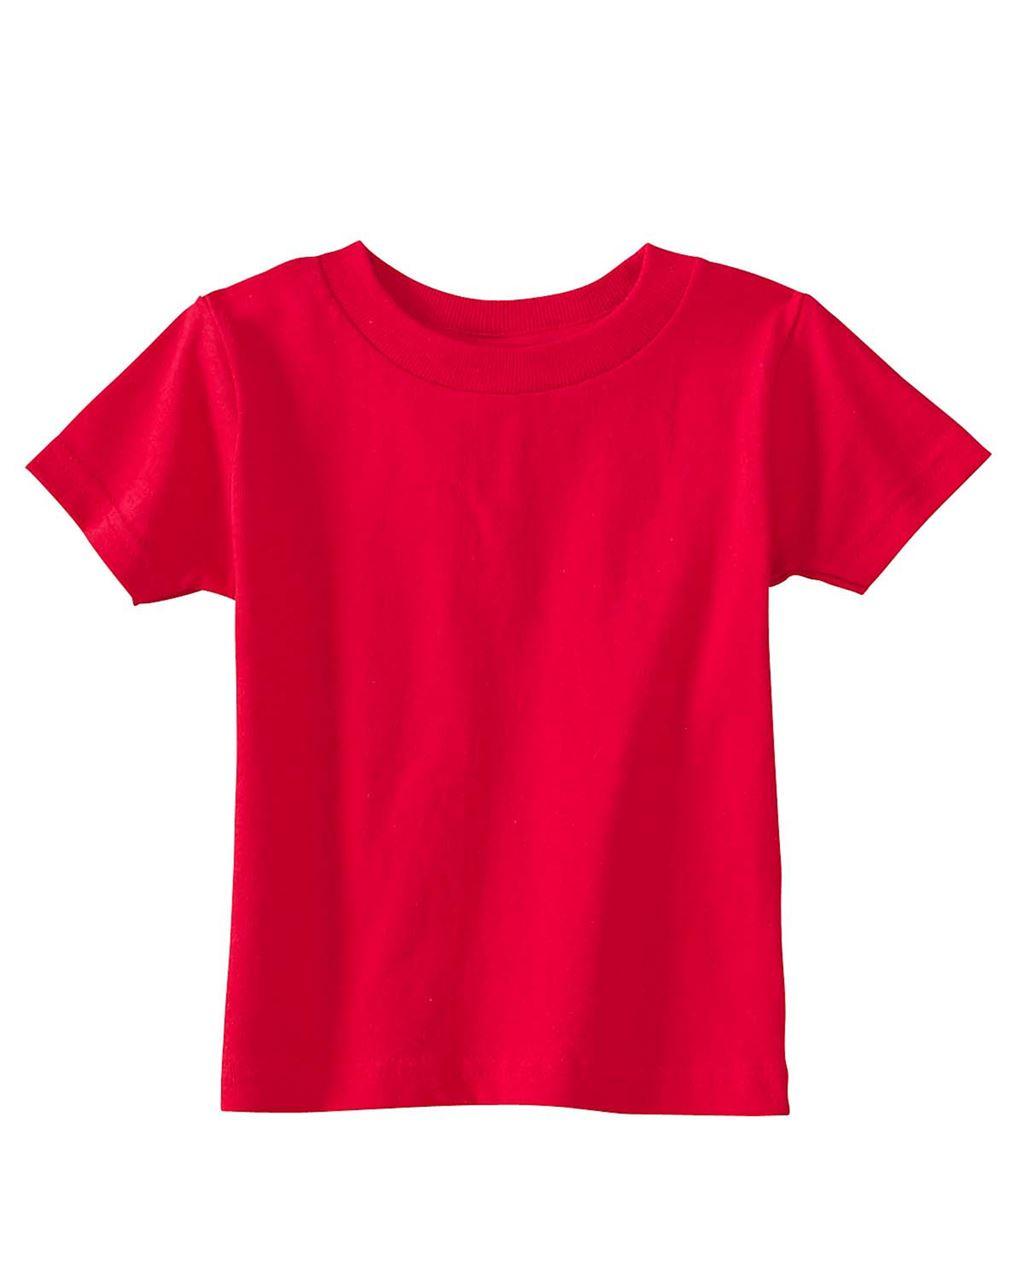 Custom t shirts rabbit skins infant short slve t shirt for Custom t shirts canada no minimum